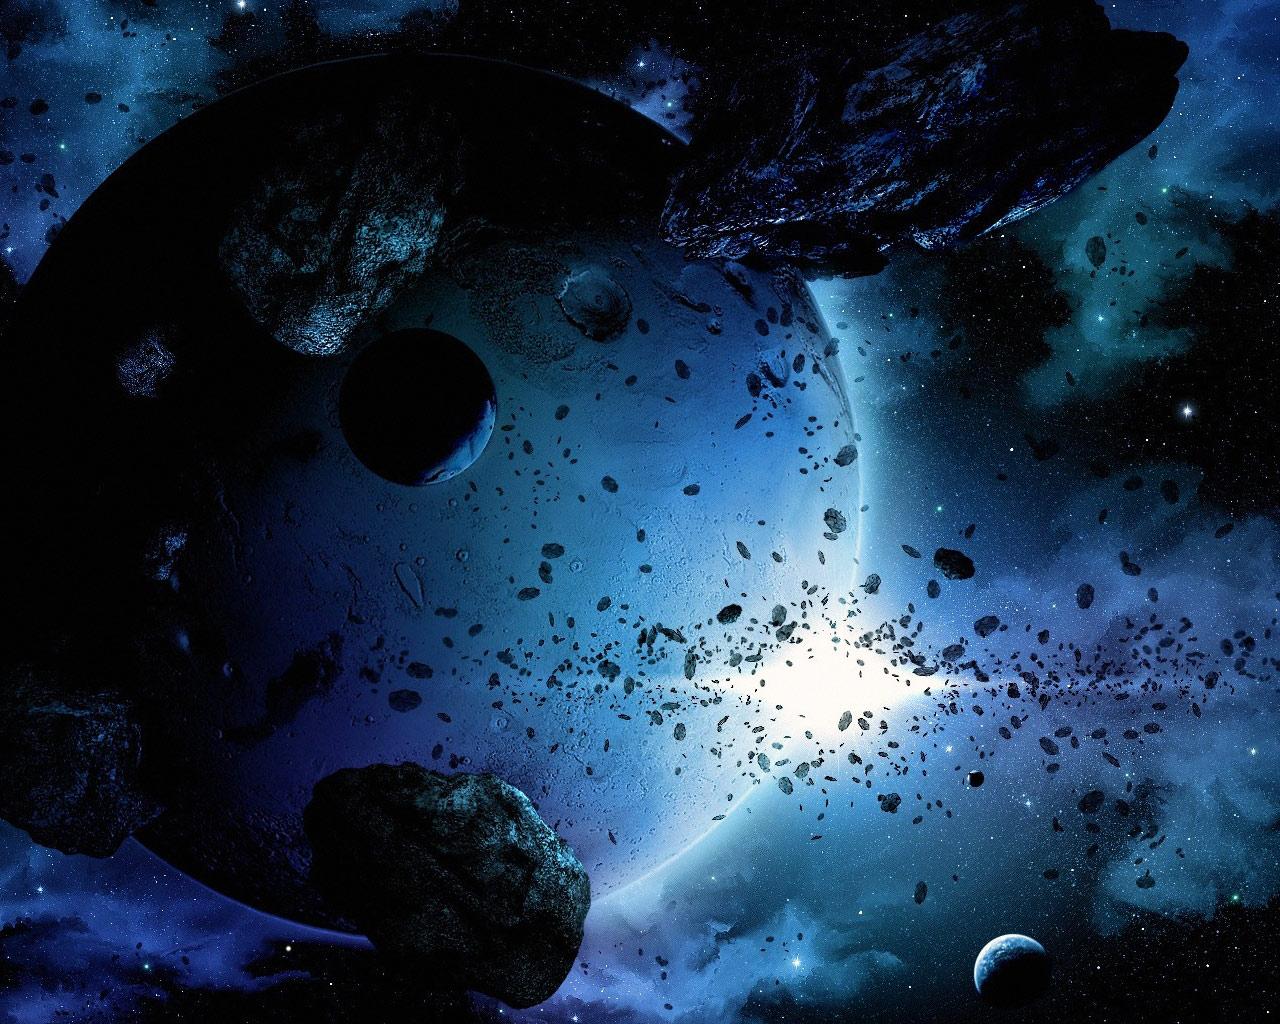 Sfondi hd spazio immagini asteroidi sfondi hd gratis for Sfondi spazio hd